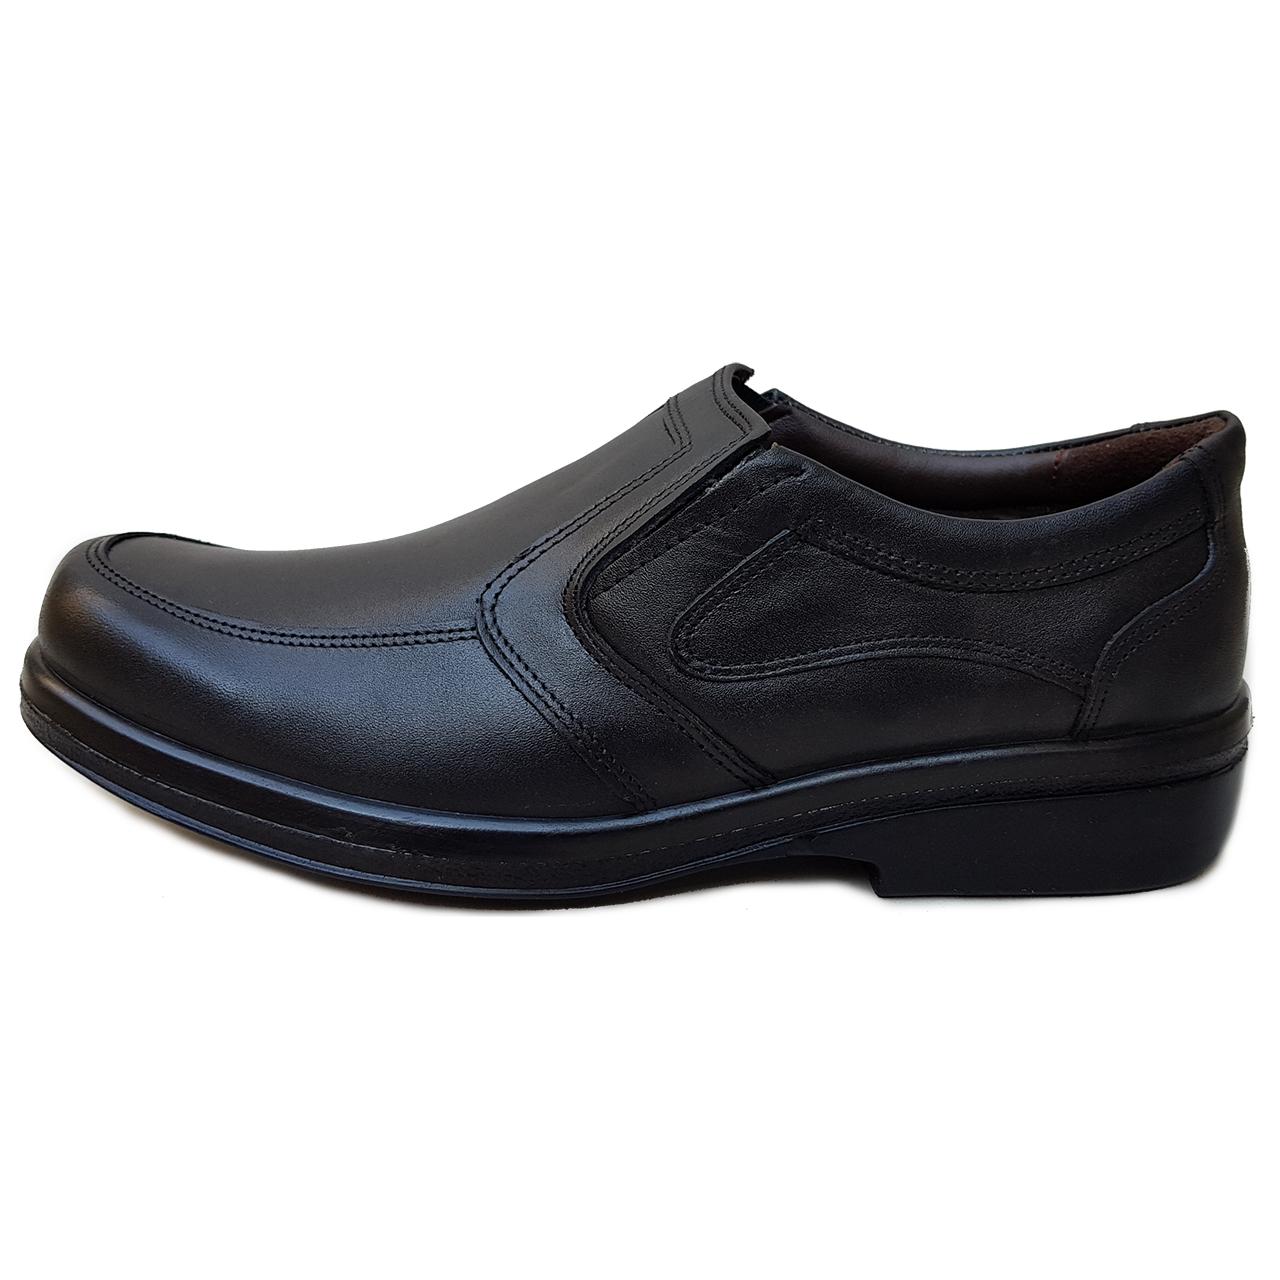 کفش مردانه چرم دیاکو مدل majlesi-keshi-mesh730